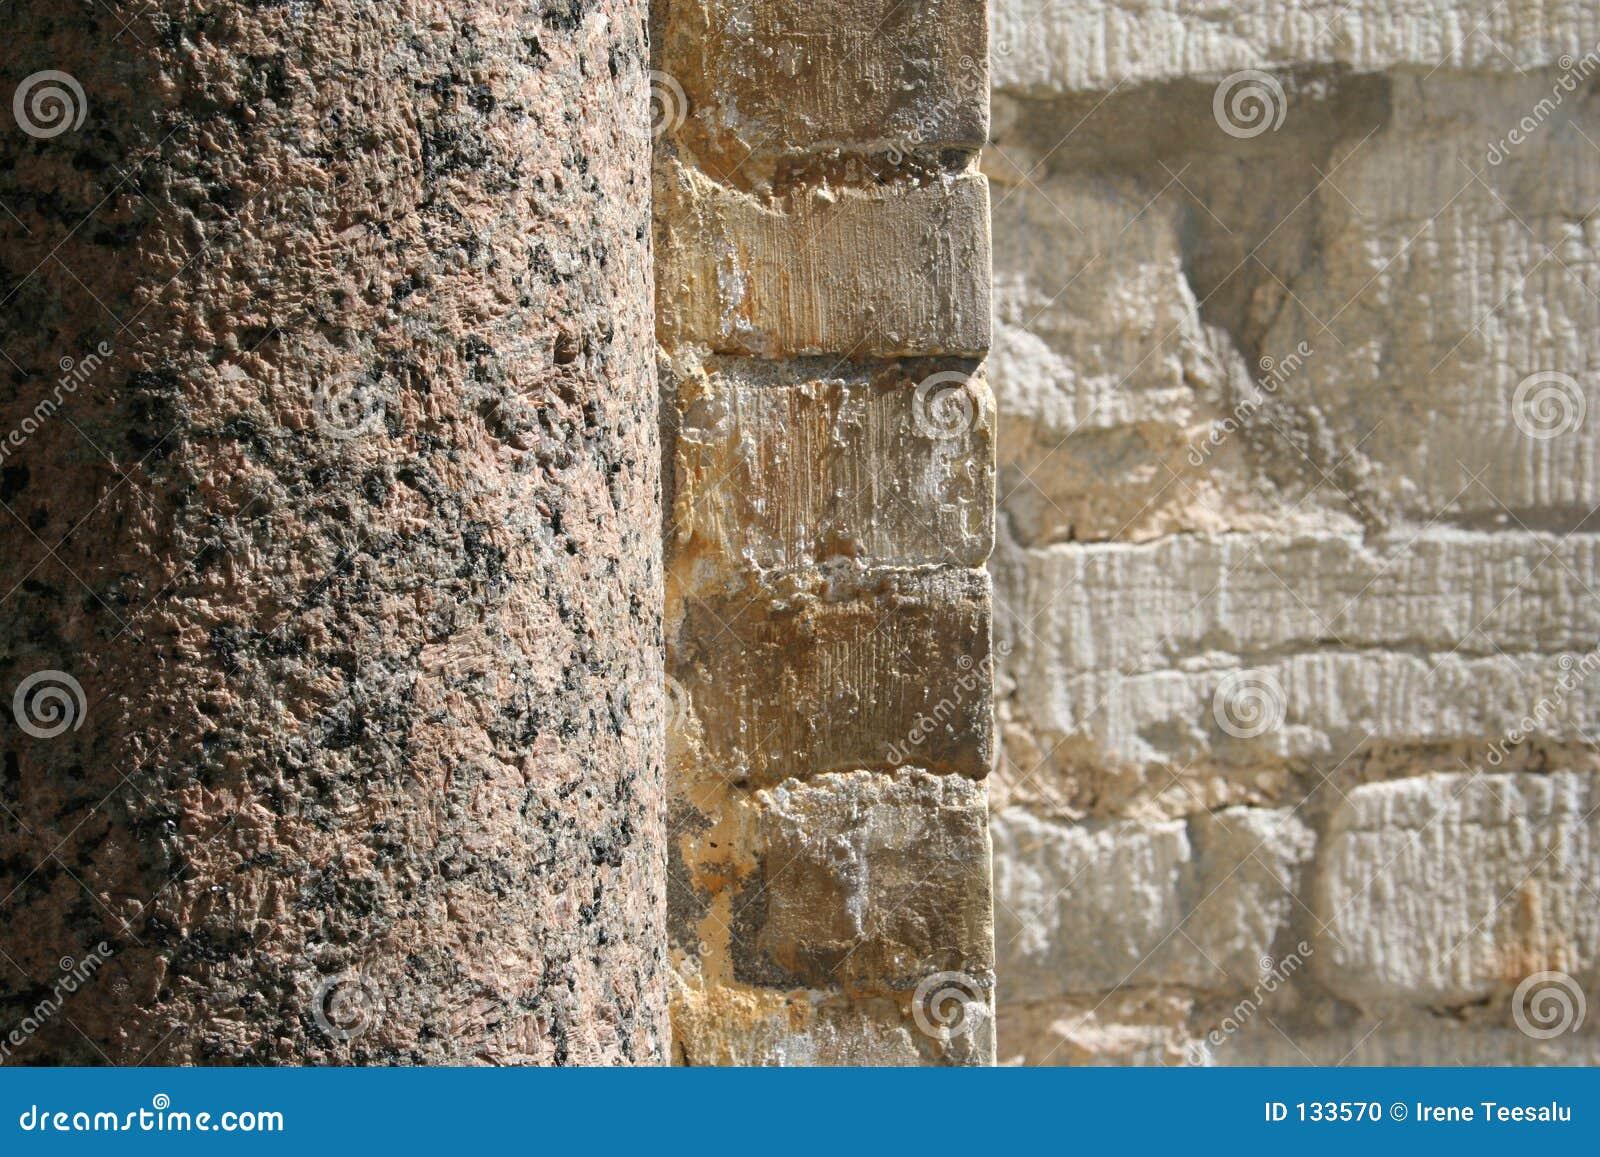 De kolom en de muur van de steen stock foto afbeelding 133570 - Muur steen duidelijk ...